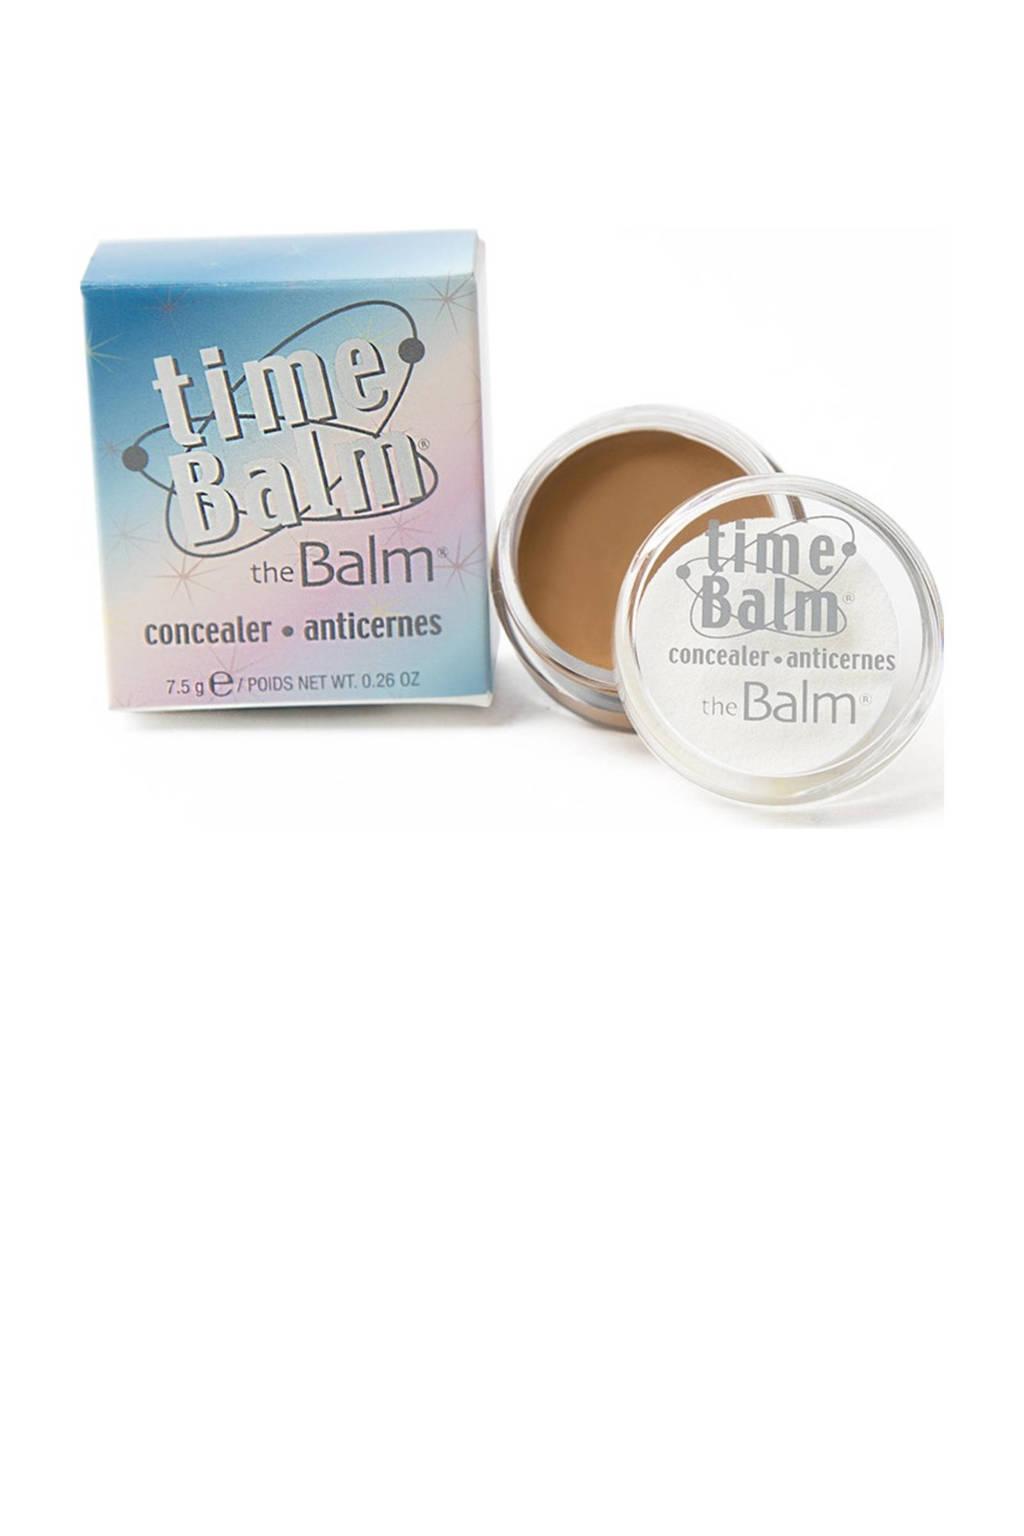 The Balm timeBalm concealer - DARK, Dark